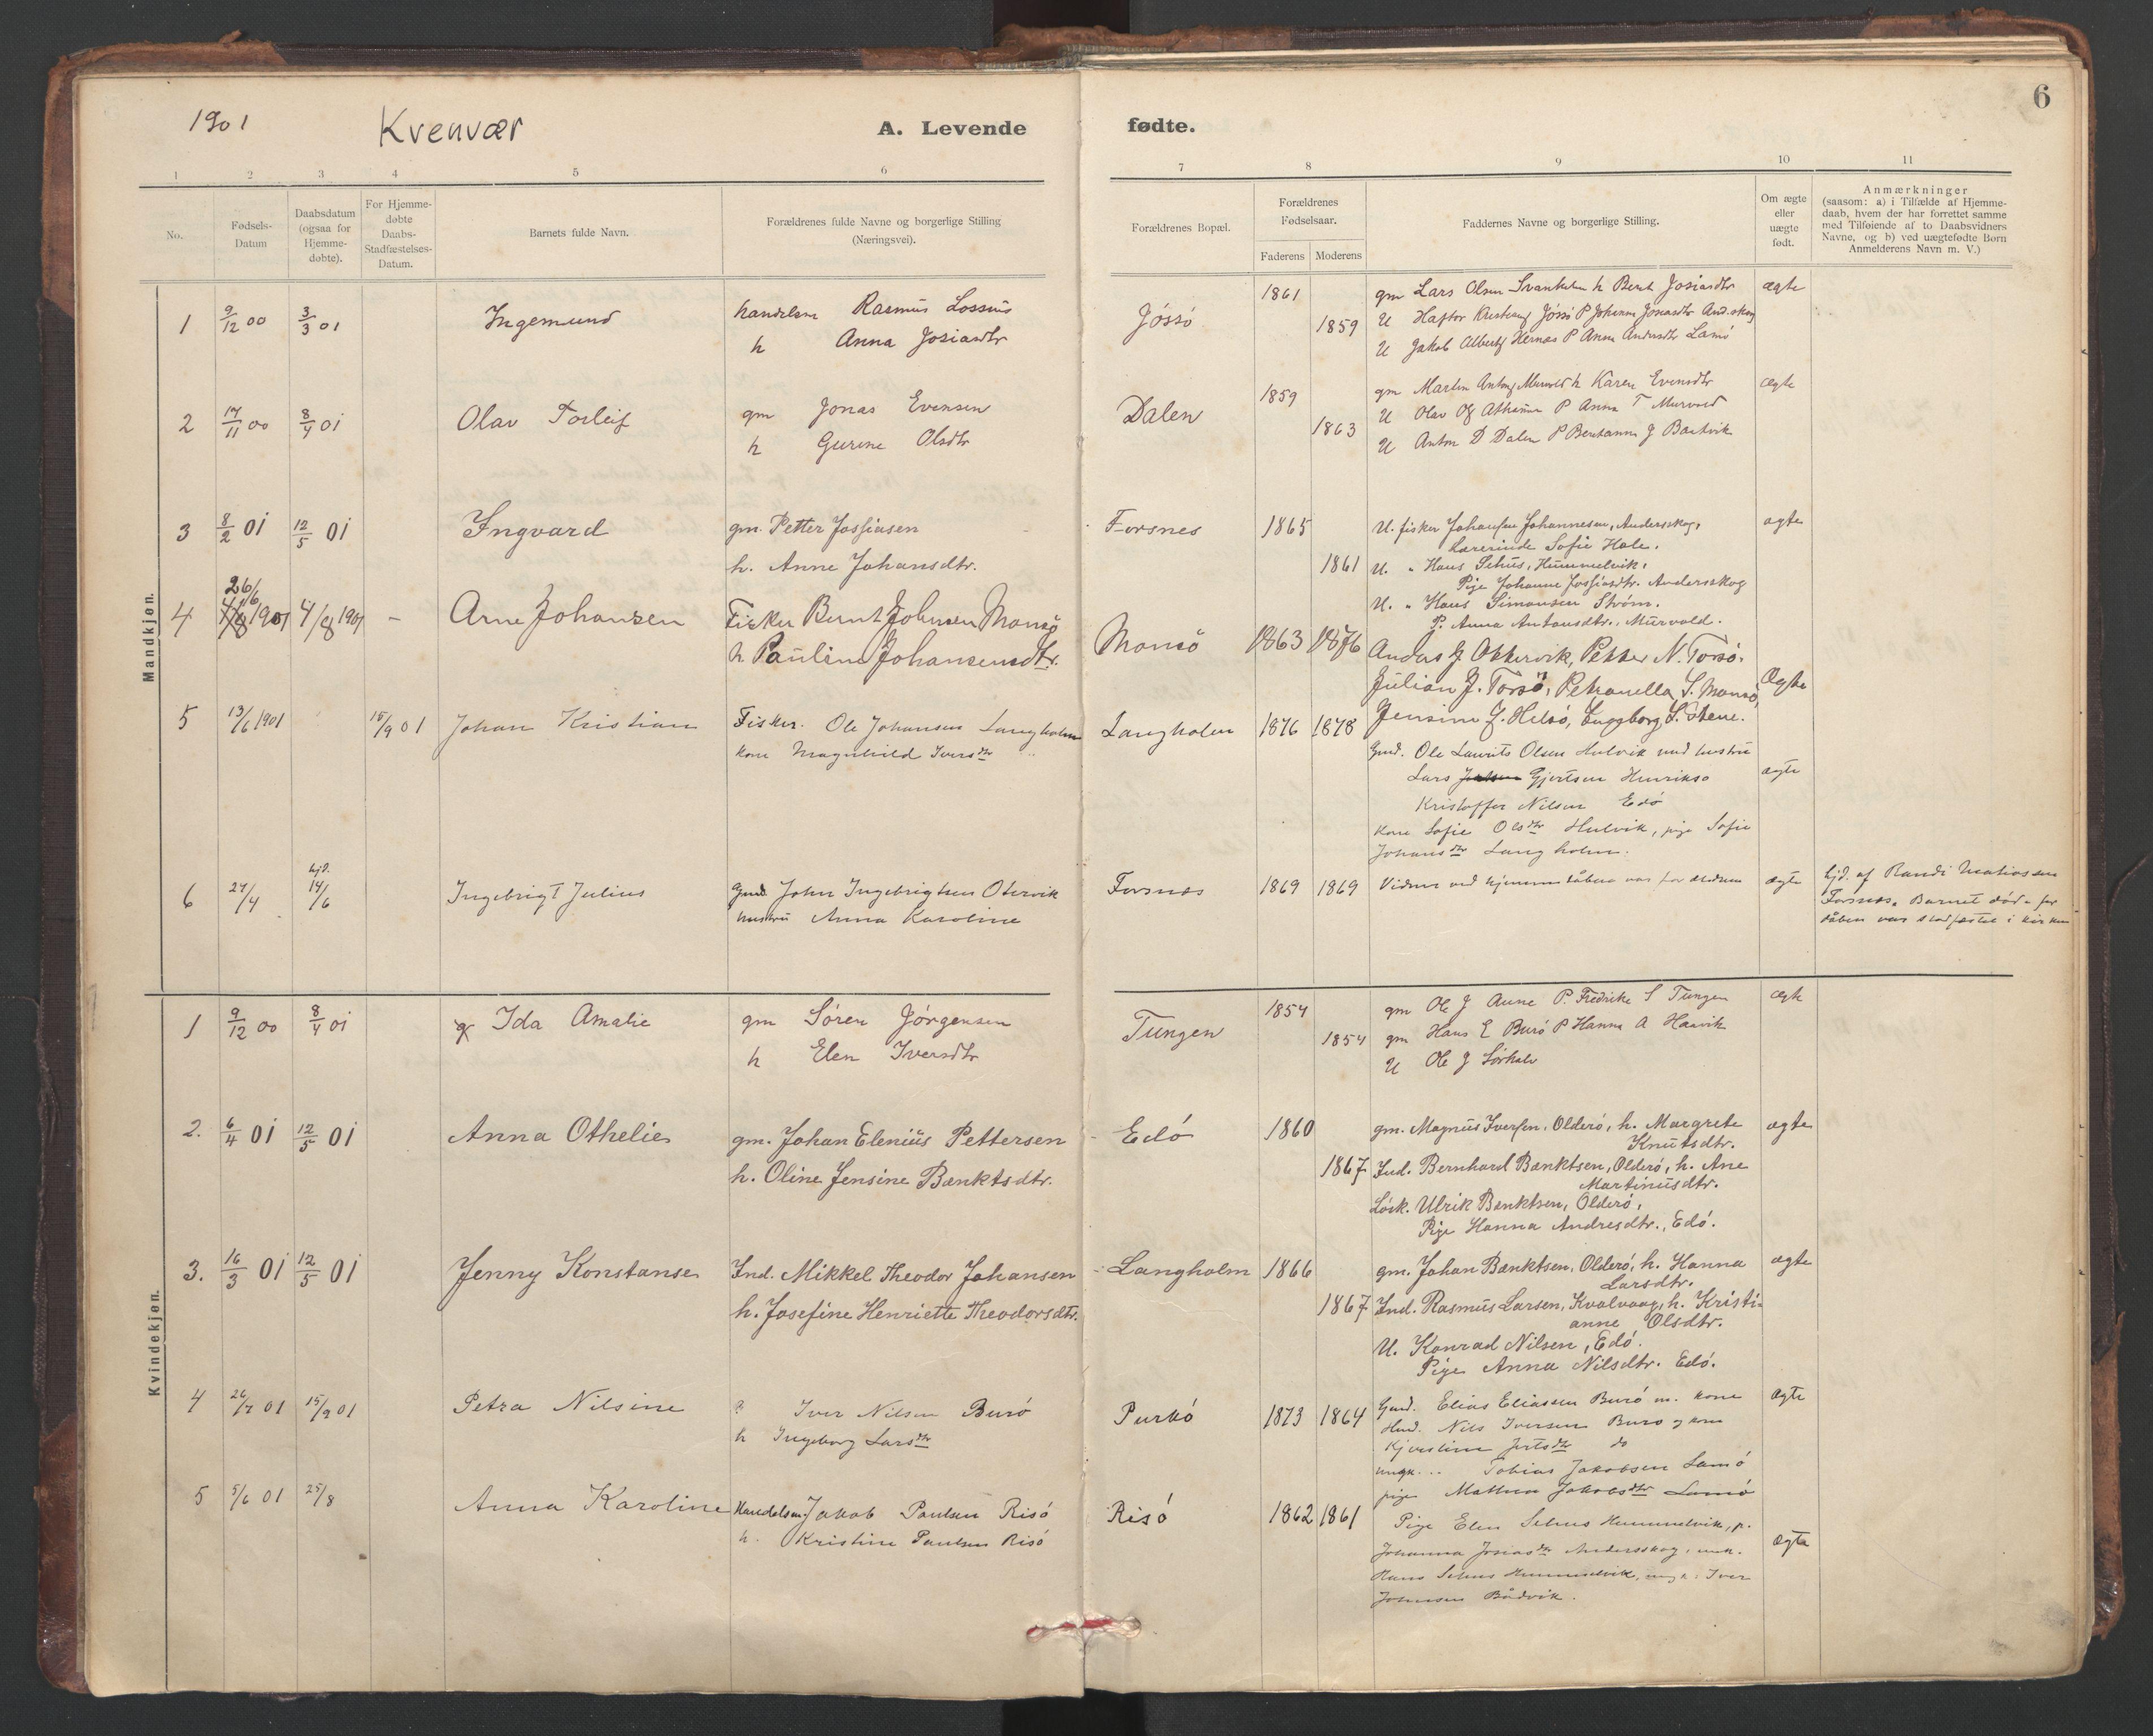 SAT, Ministerialprotokoller, klokkerbøker og fødselsregistre - Sør-Trøndelag, 635/L0552: Ministerialbok nr. 635A02, 1899-1919, s. 6